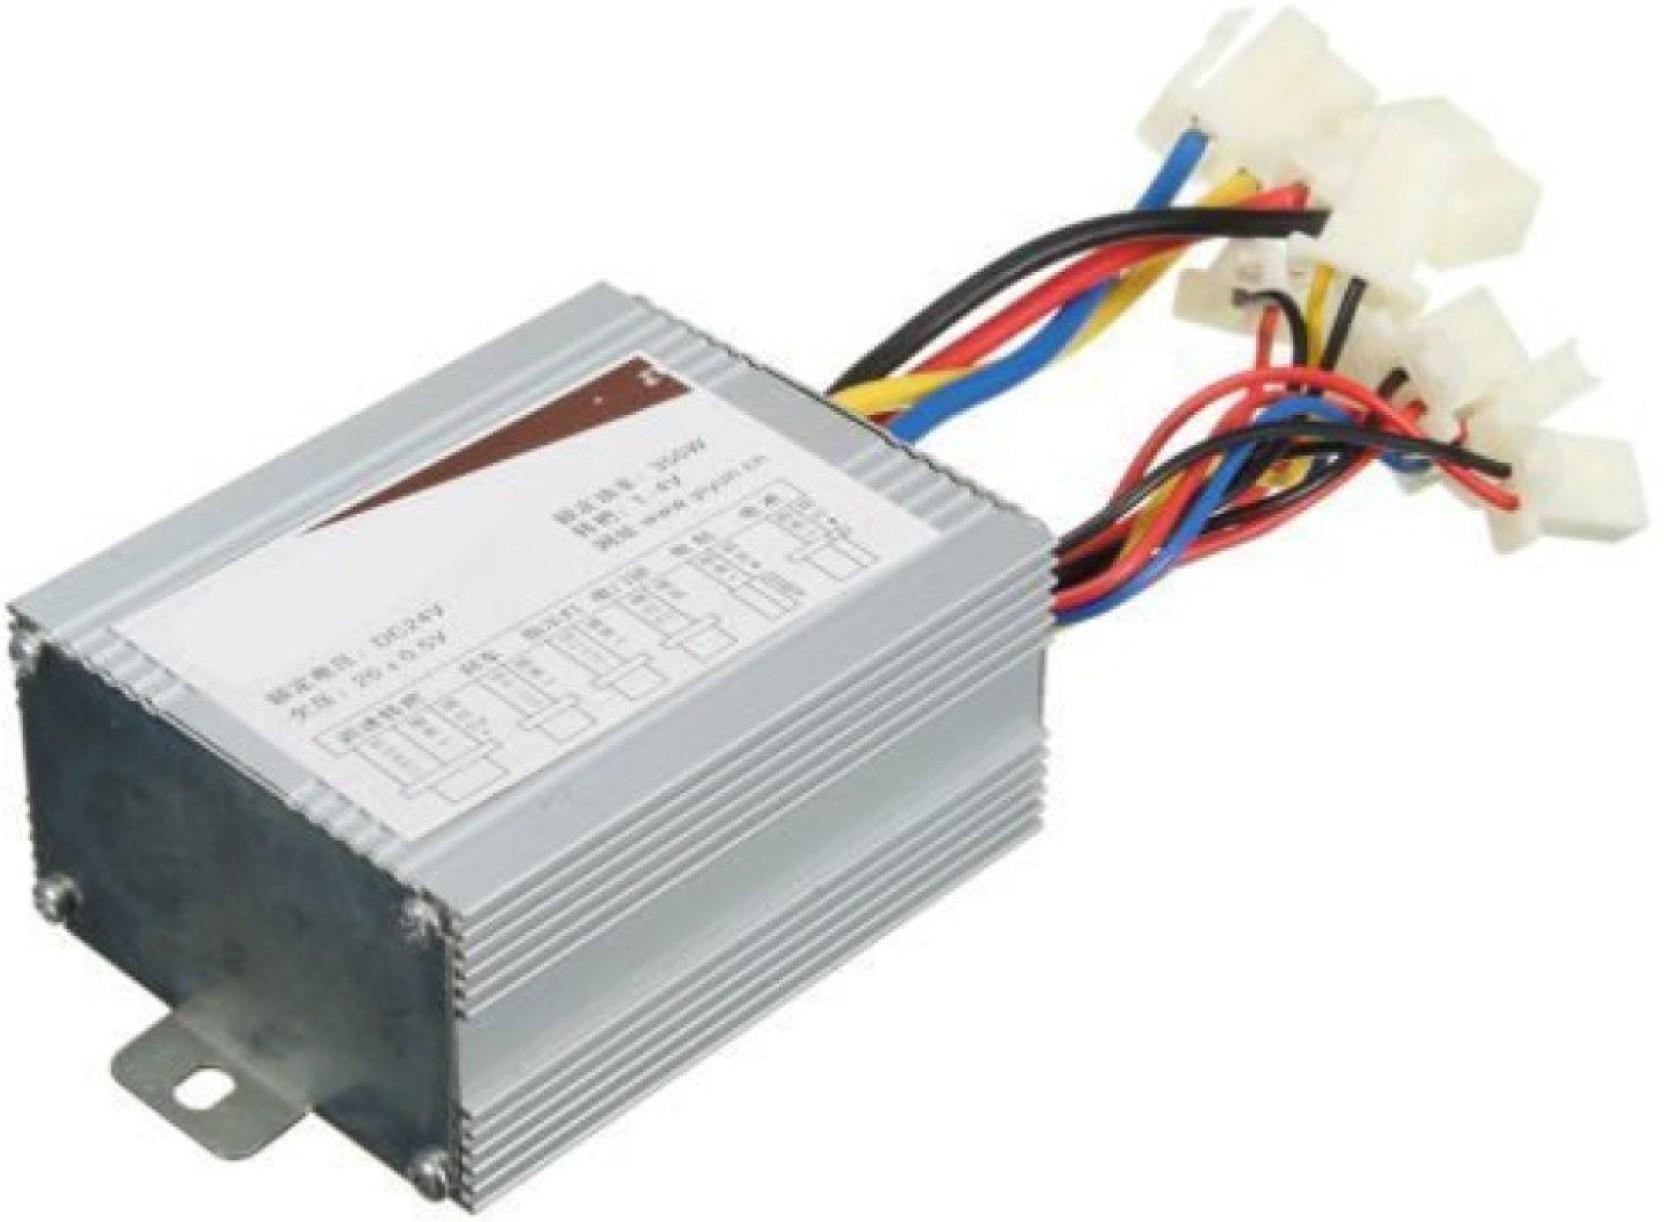 KitsGuru Motor Controller for 24v 350W MY1016 DIY Electric